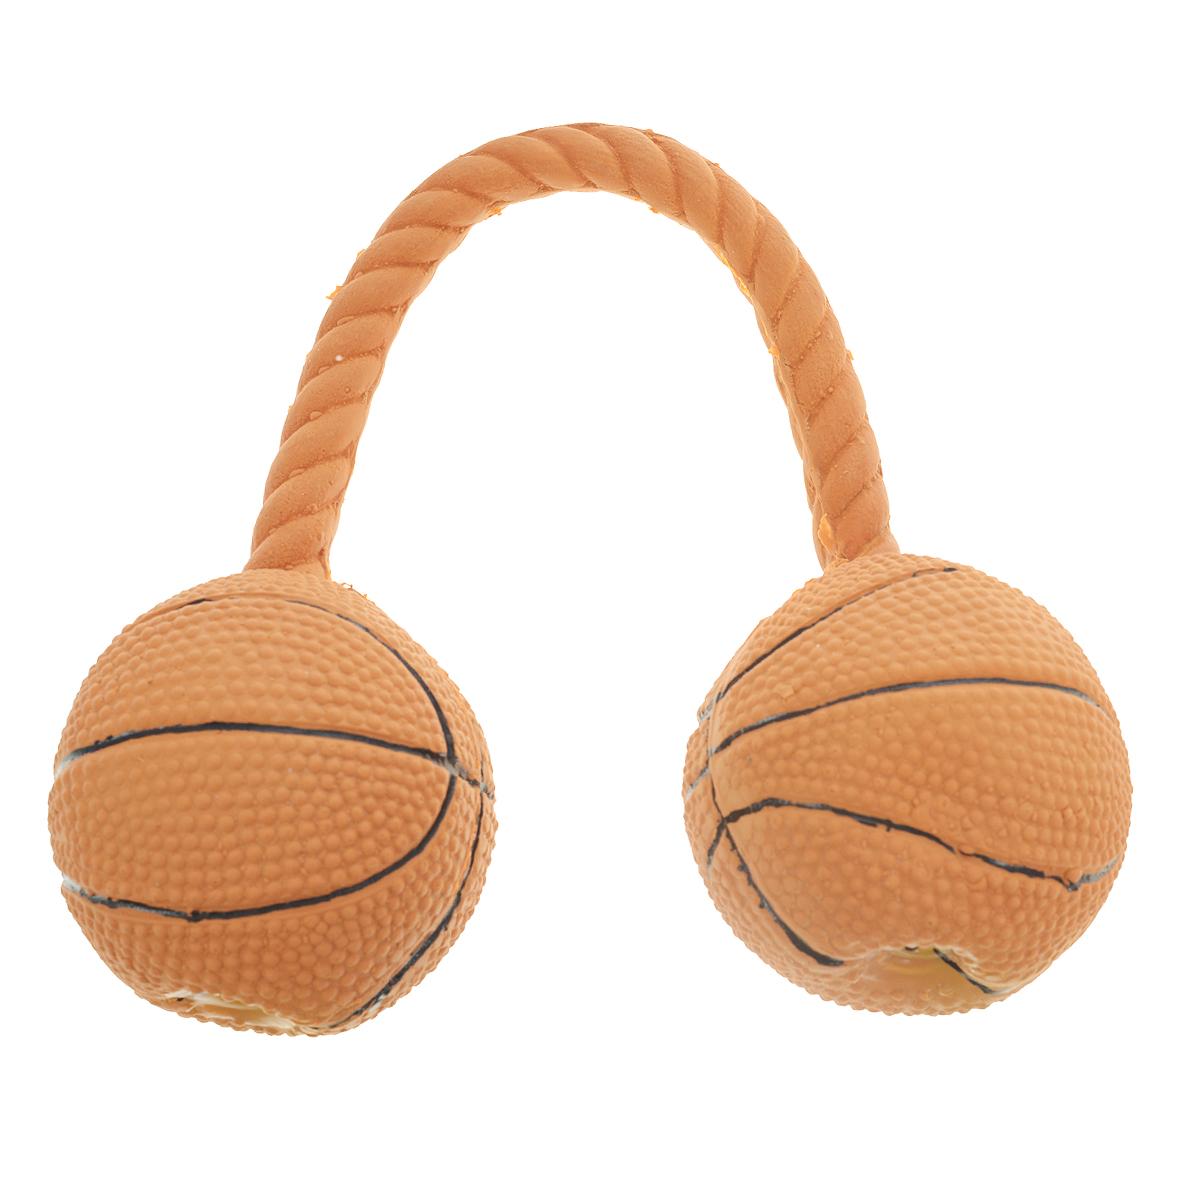 Игрушка для собак V.I.Pet Гантель баскетбольная, цвет: коричневый стойка баскетбольная torres tx31297